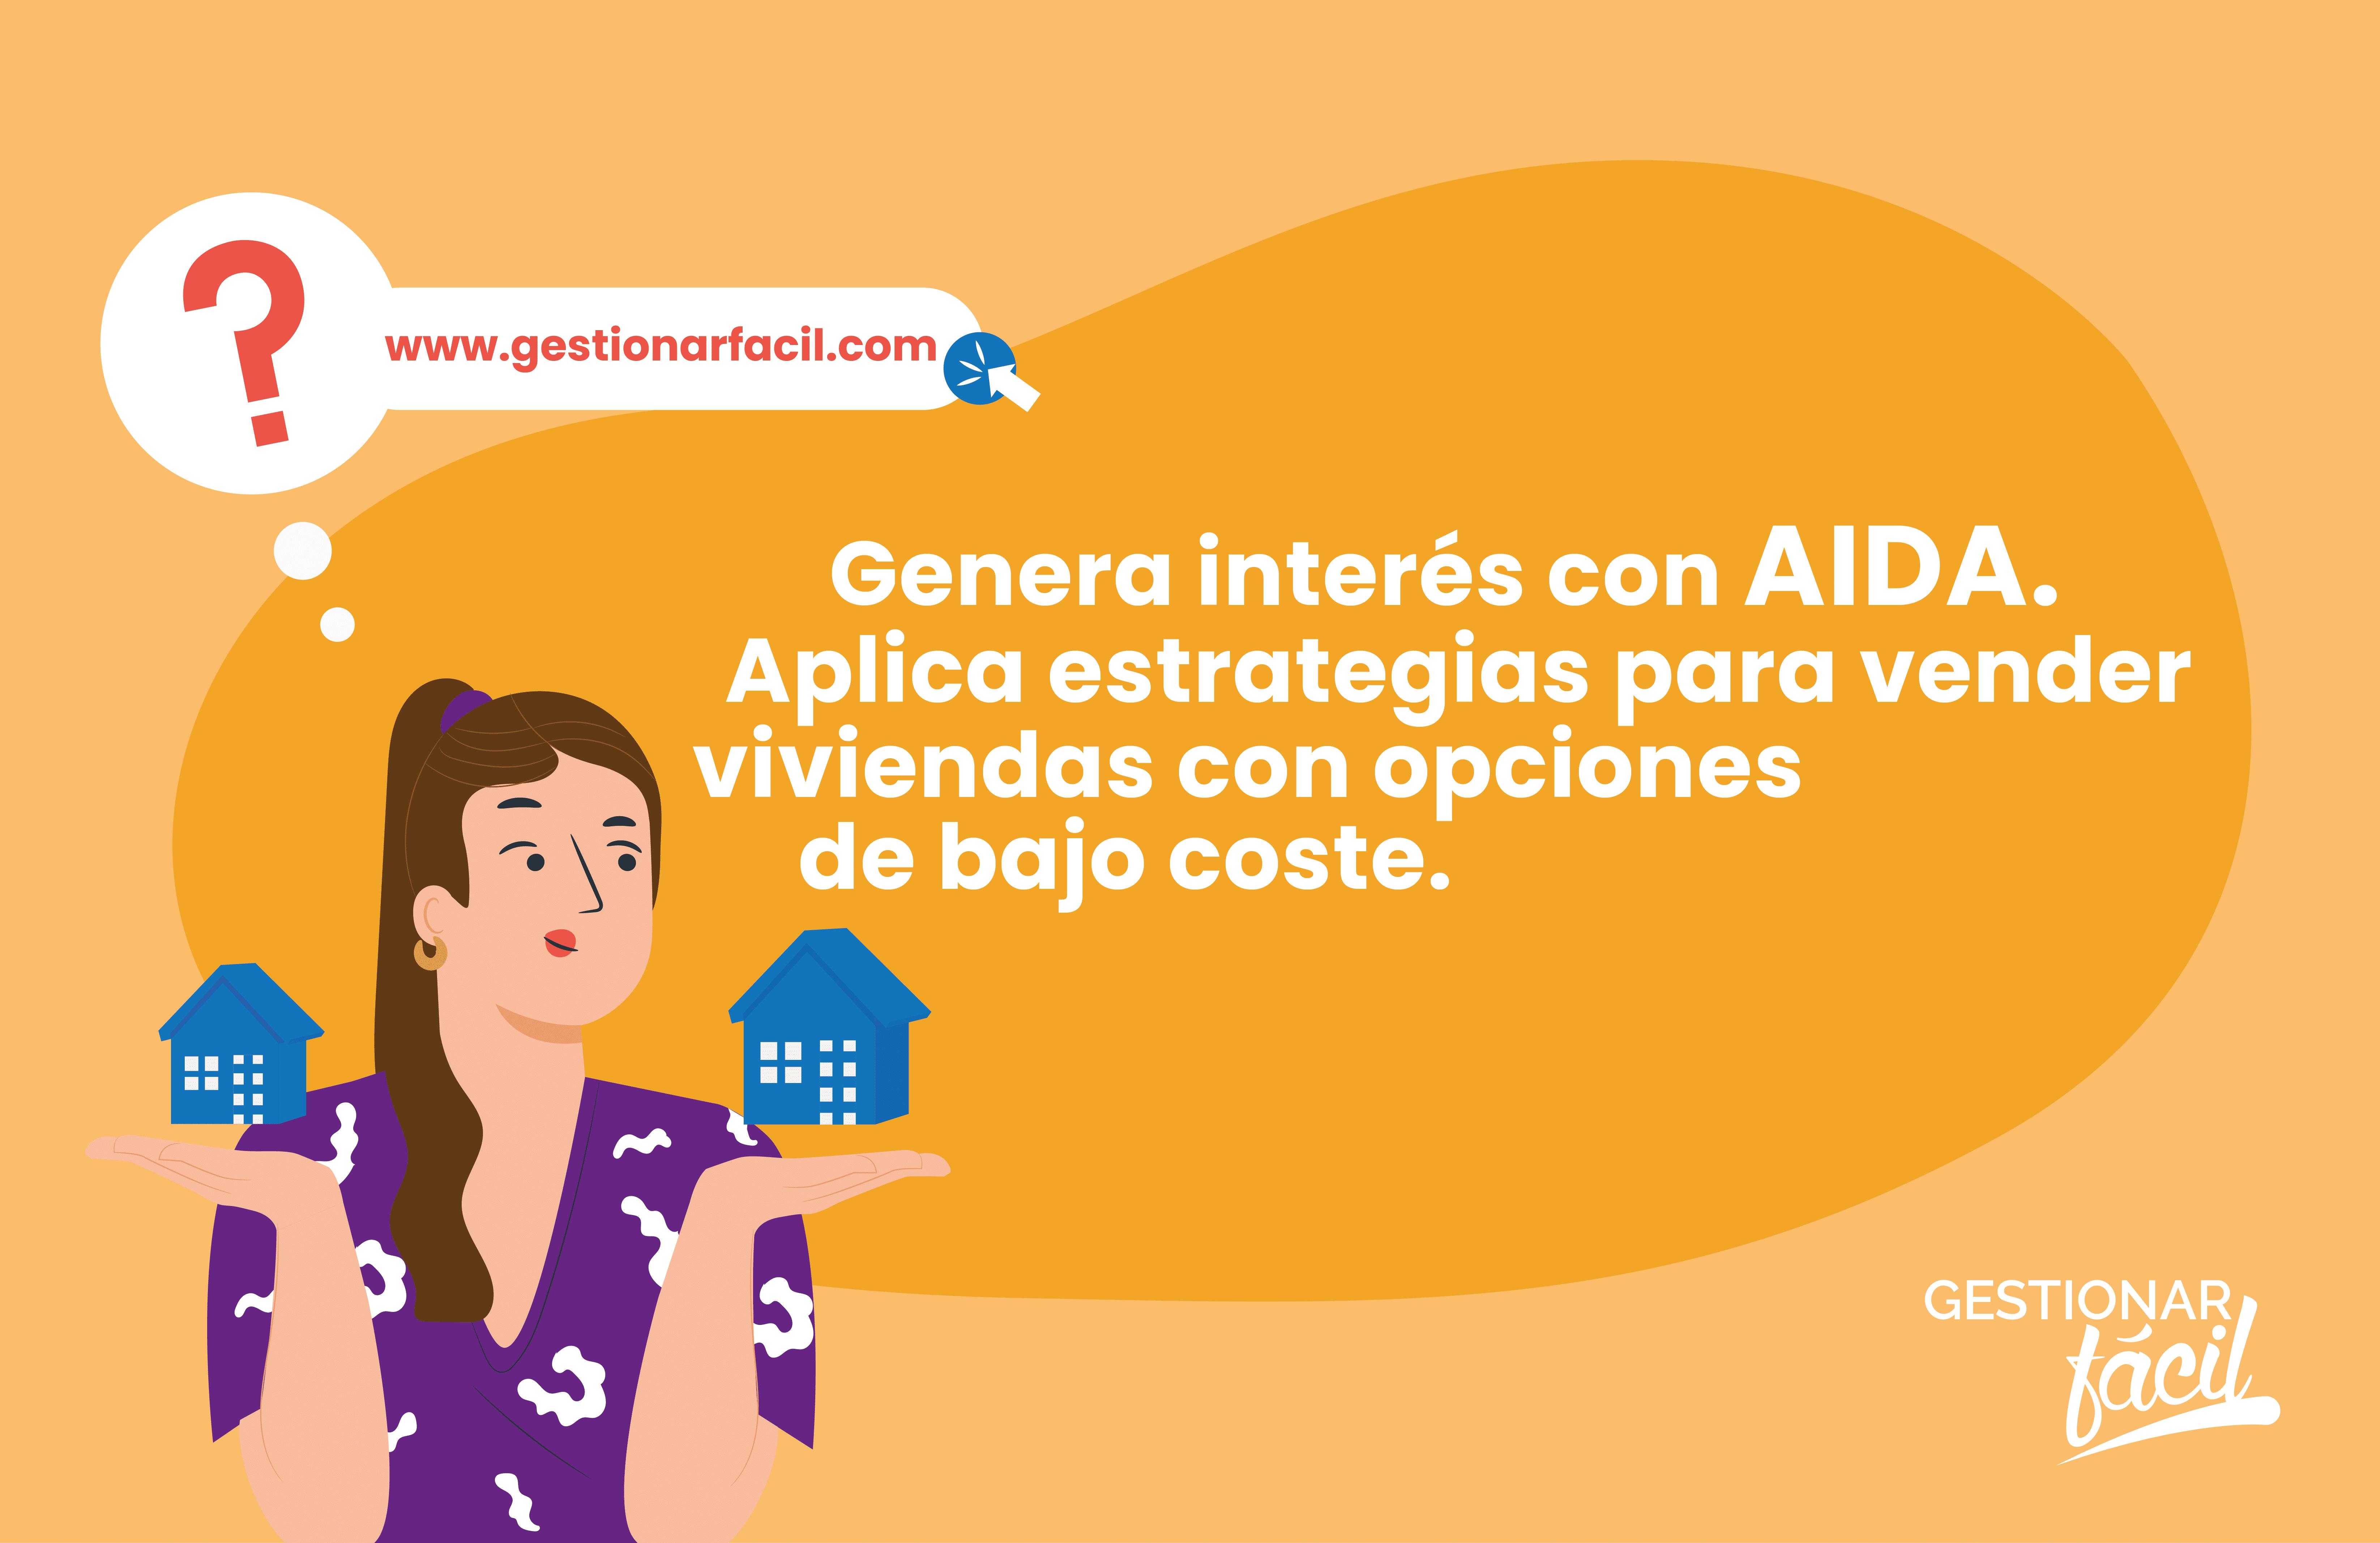 ¡Genera interés con AIDA!